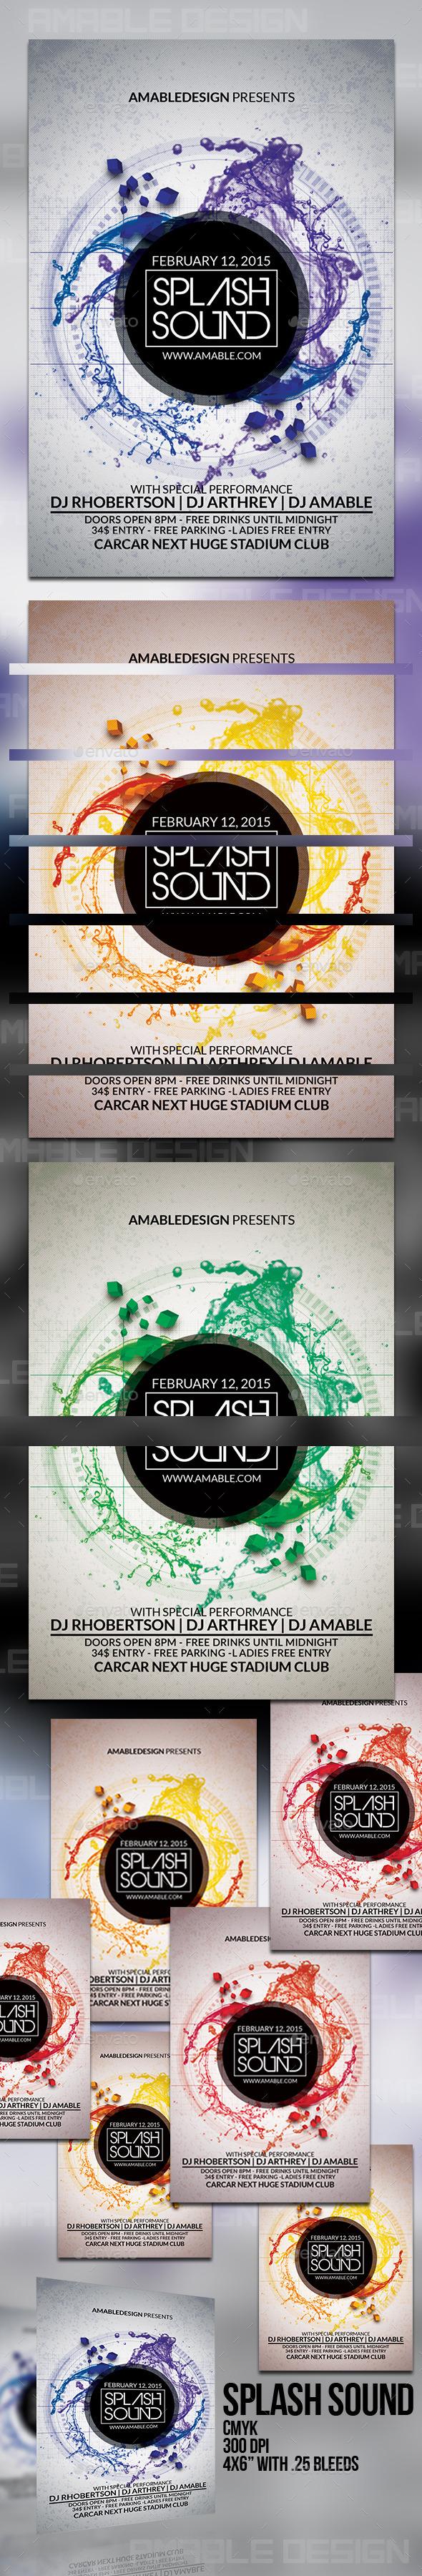 GraphicRiver Splash Sound Flyer 10190814